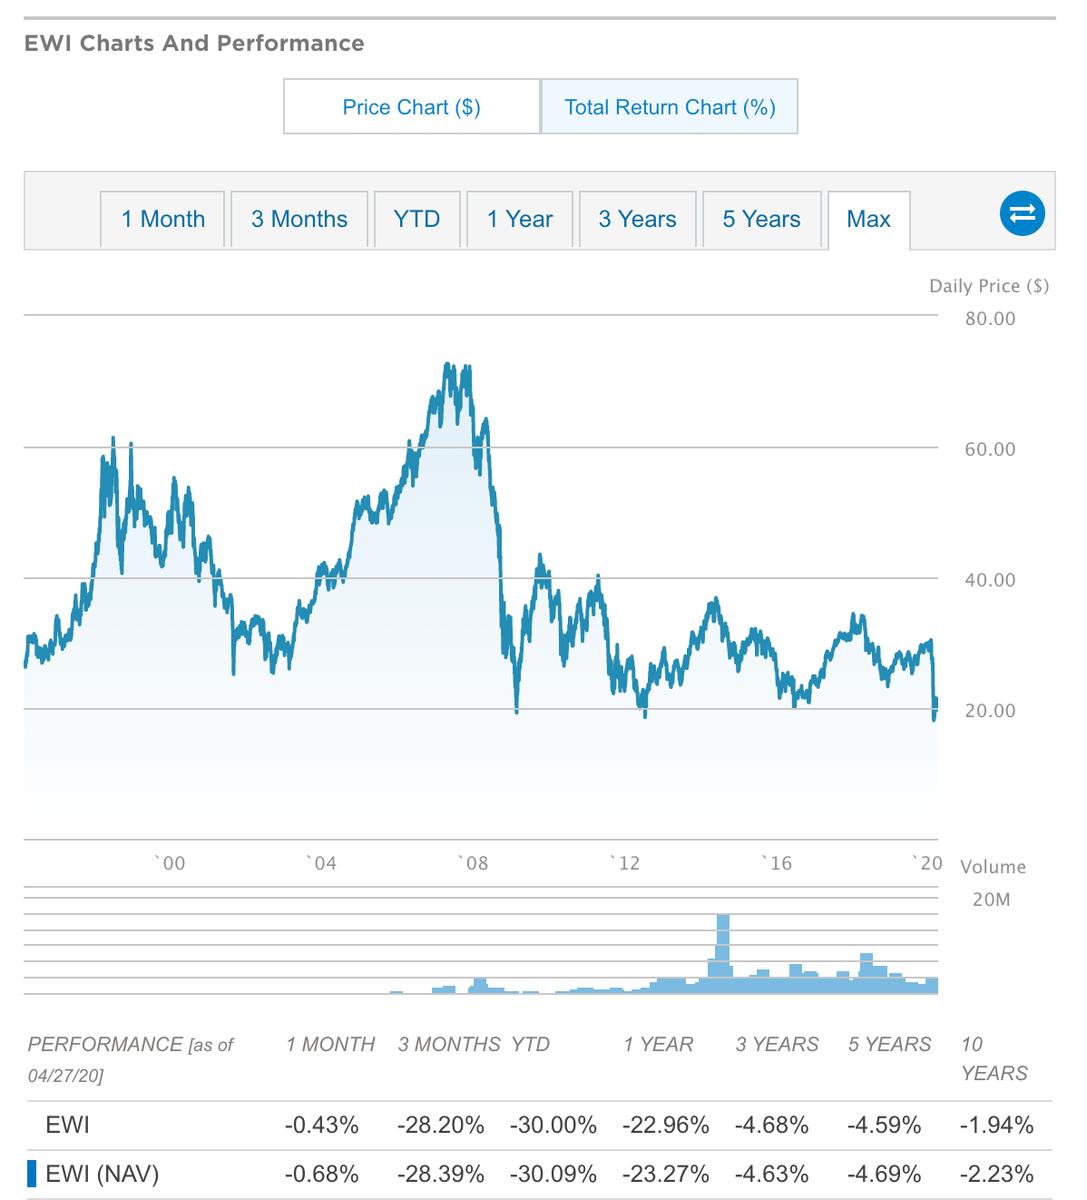 この画像はEWIの株価推移を表示しております。